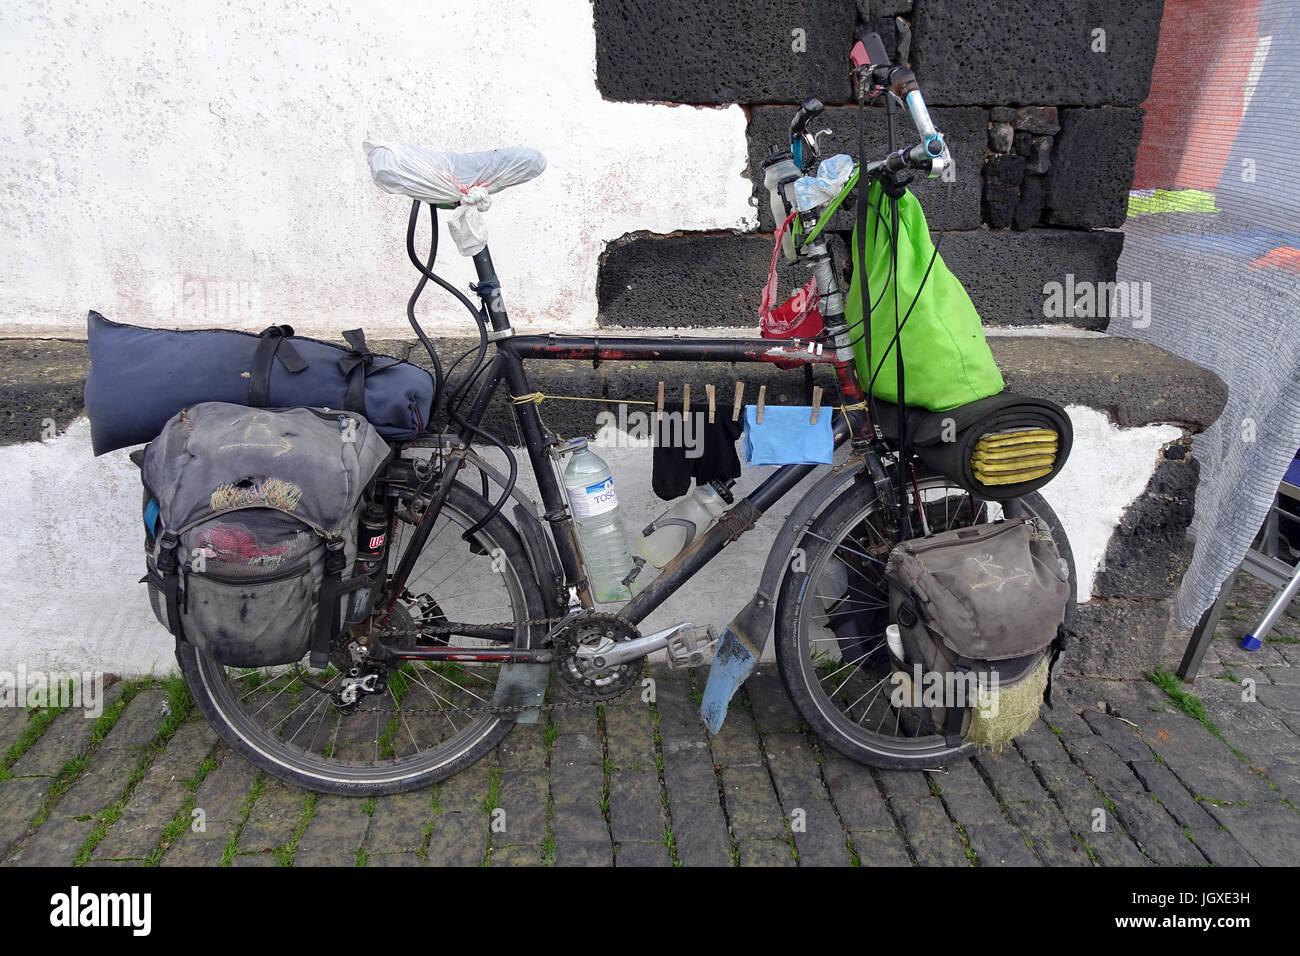 Kurios bepacktes Fahrrad mit aufgehaengter Waesche von einem Clochard, Teguise, Lanzarote, Kanarische Inseln, Europa - Stock Image